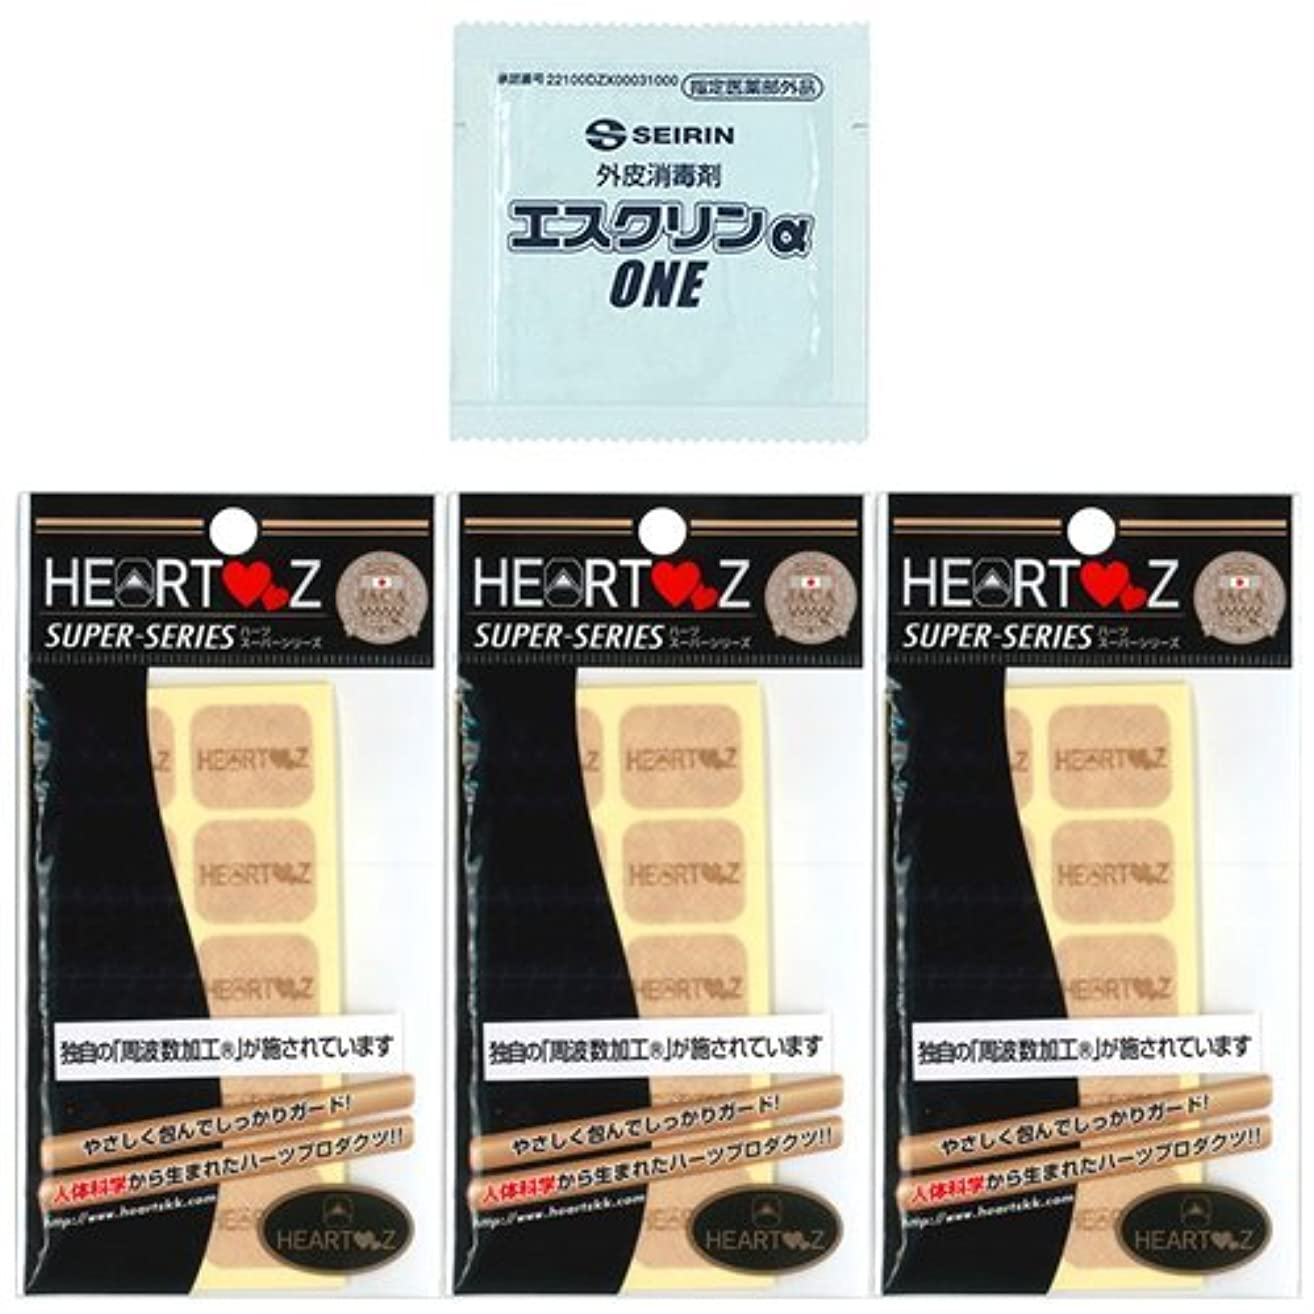 スワップ哀れなスペア【HEARTZ(ハーツ)】ハーツスーパーシール レギュラータイプ 80枚入×3個セット (計240枚) + エスクリンαONEx1個 セット